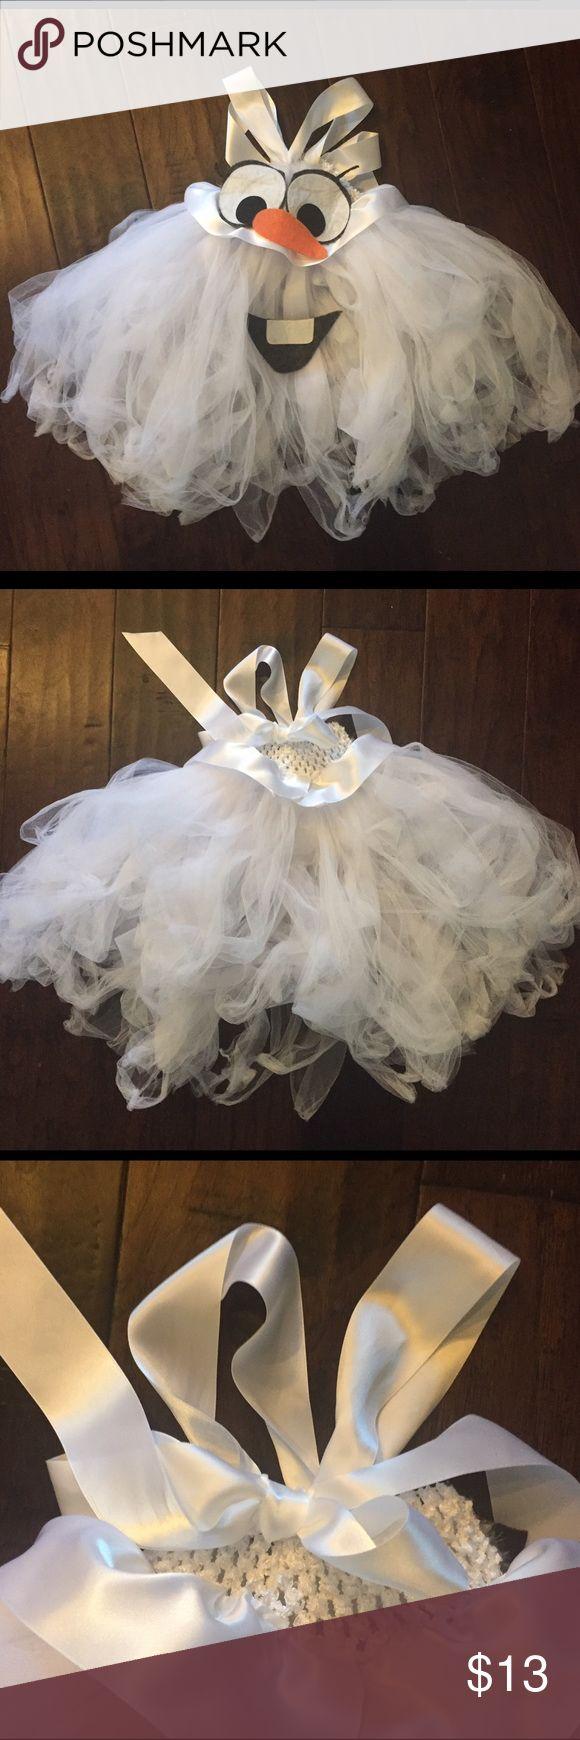 Best 25+ Olaf tutu ideas on Pinterest | Olaf halloween costume ...